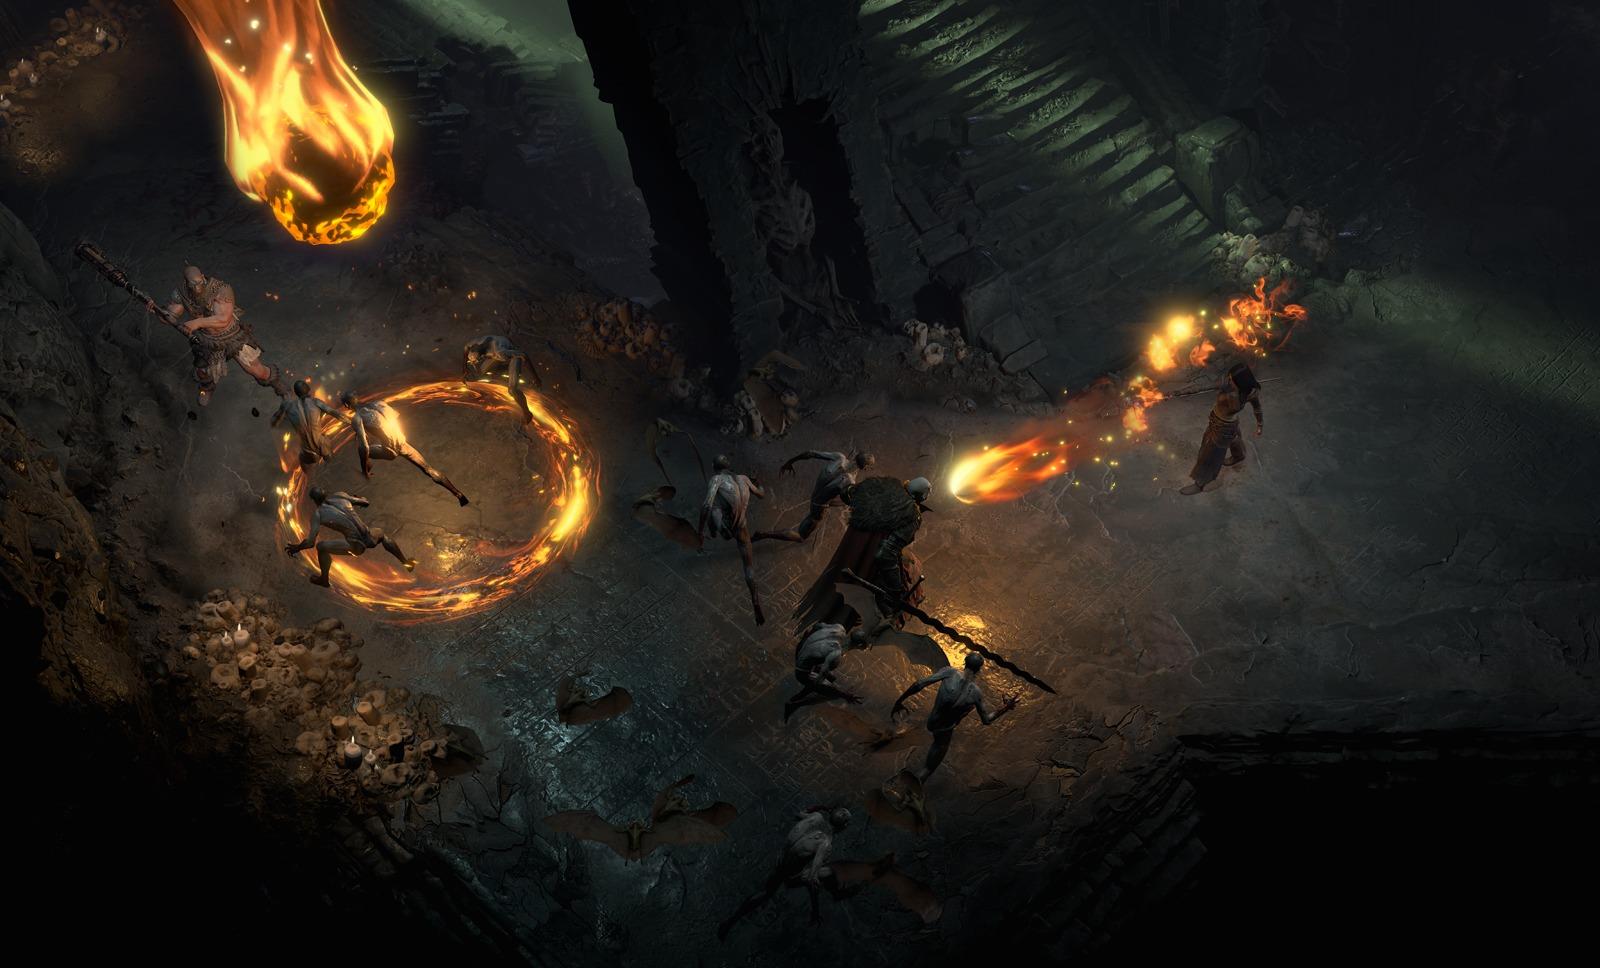 情報まとめ 誰でもわかる『Diablo IV』(ディアブロ4)を解説